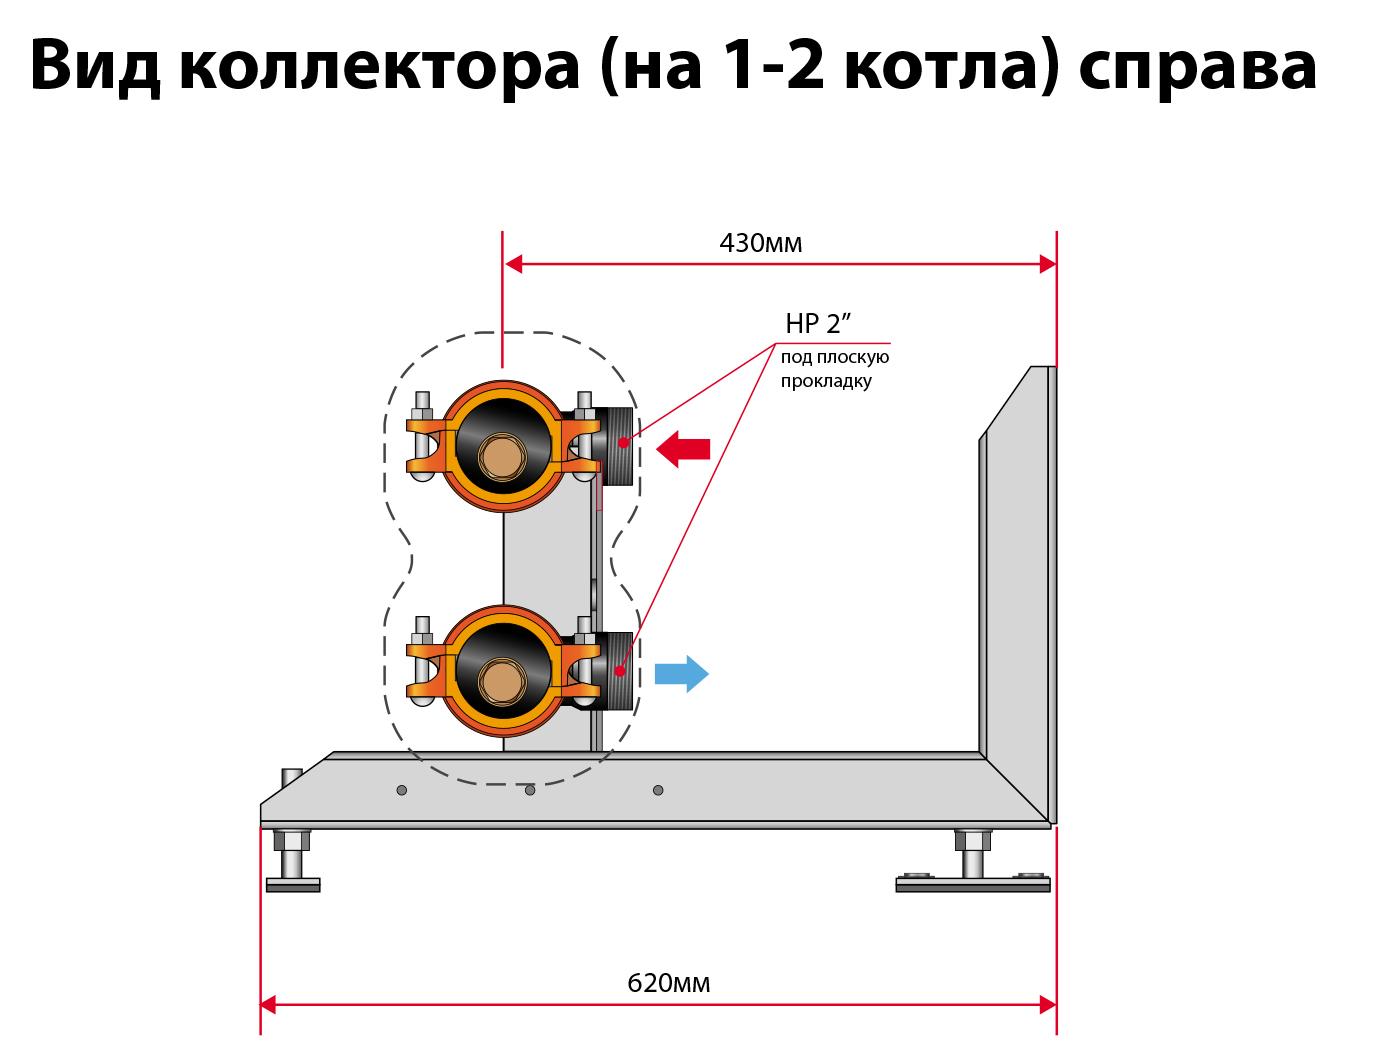 Каскад коллекторной стабилизации схема